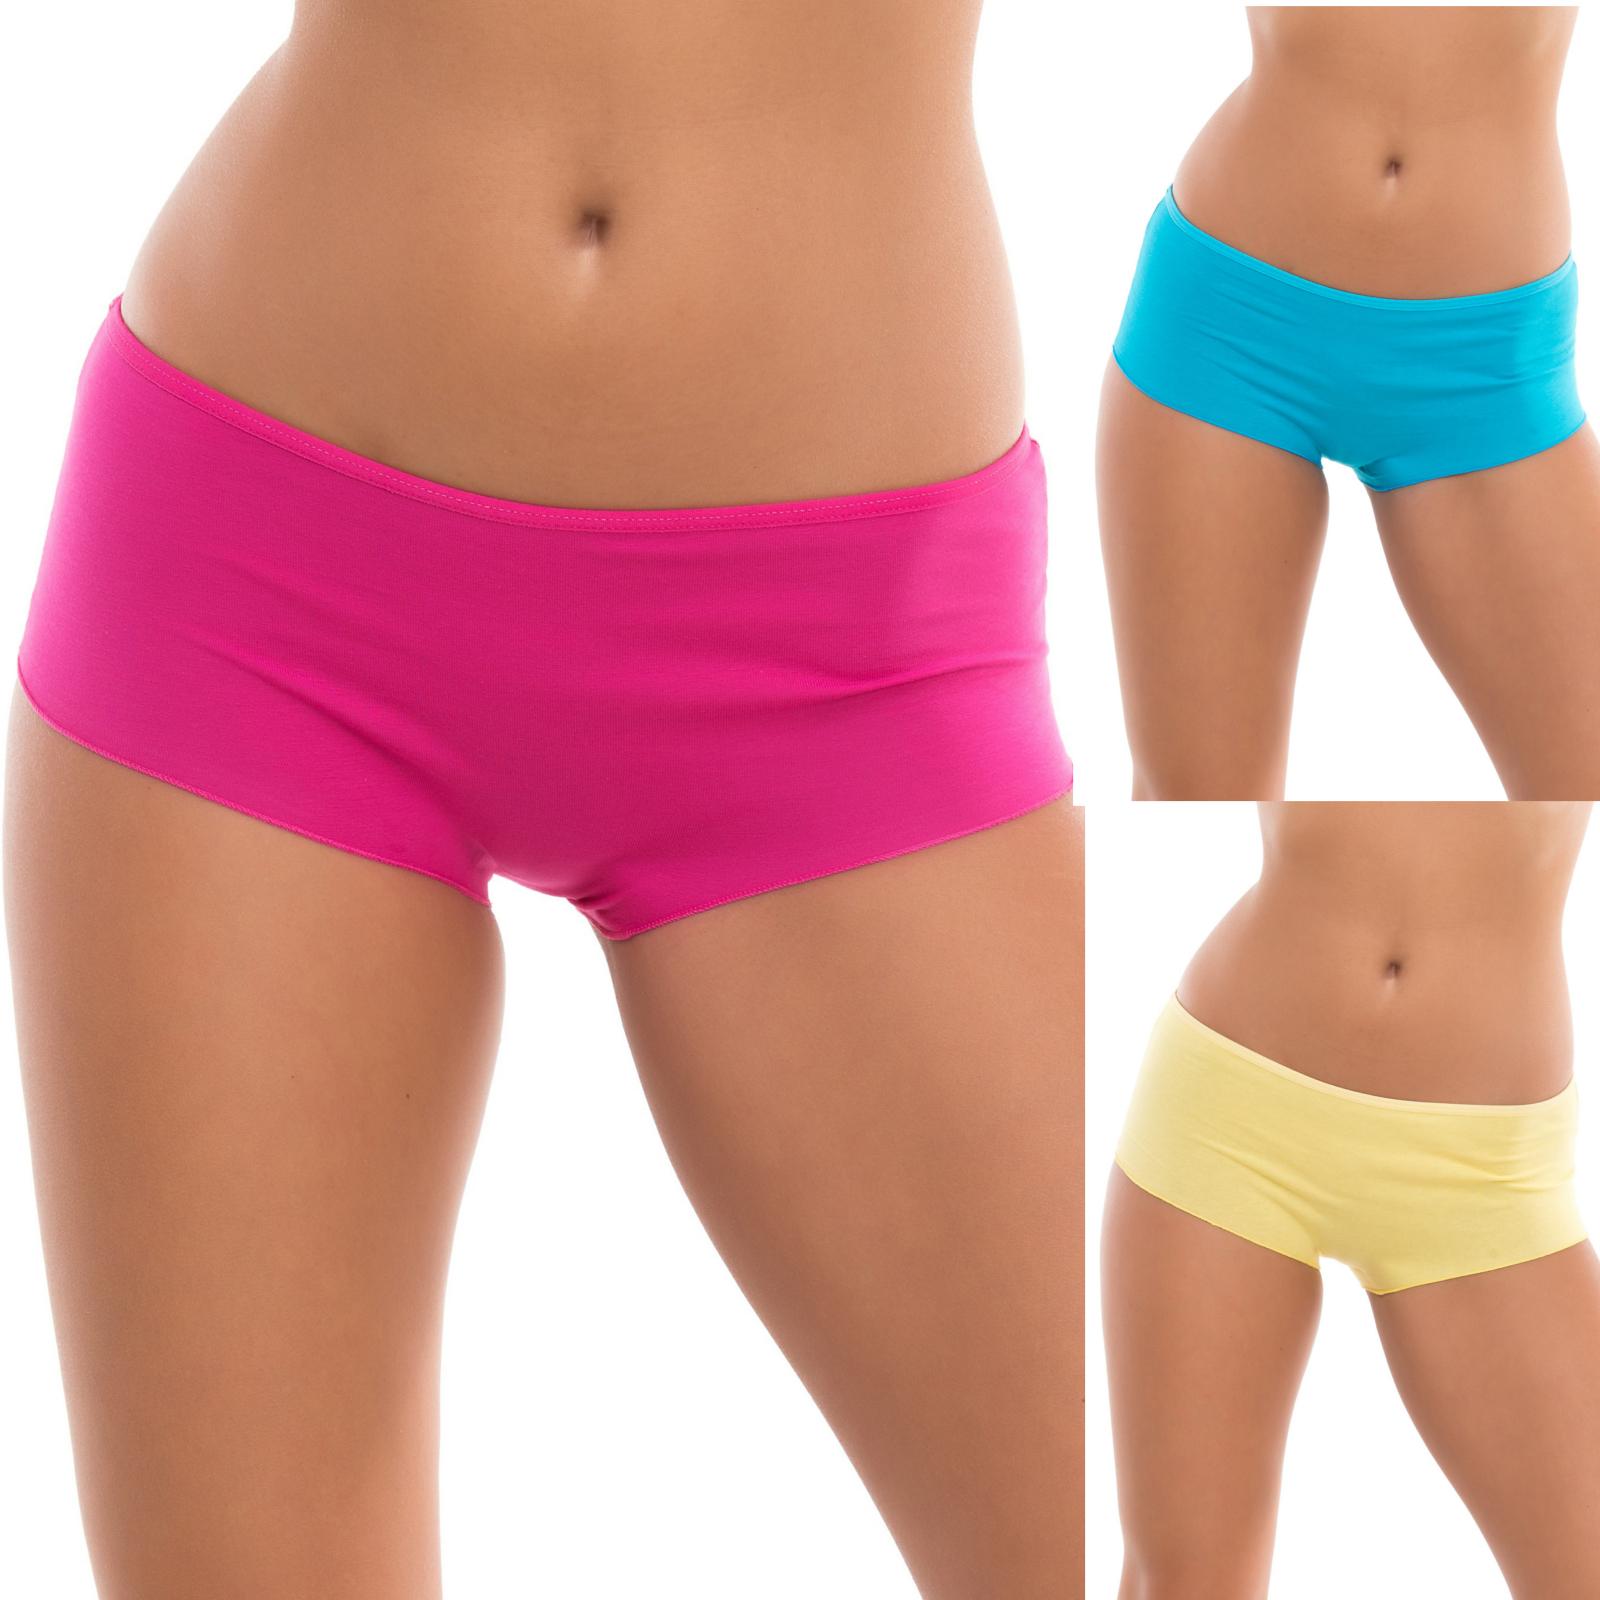 3er-Set Evoni Brazilian Panties - Pink, Gelb, Türkis